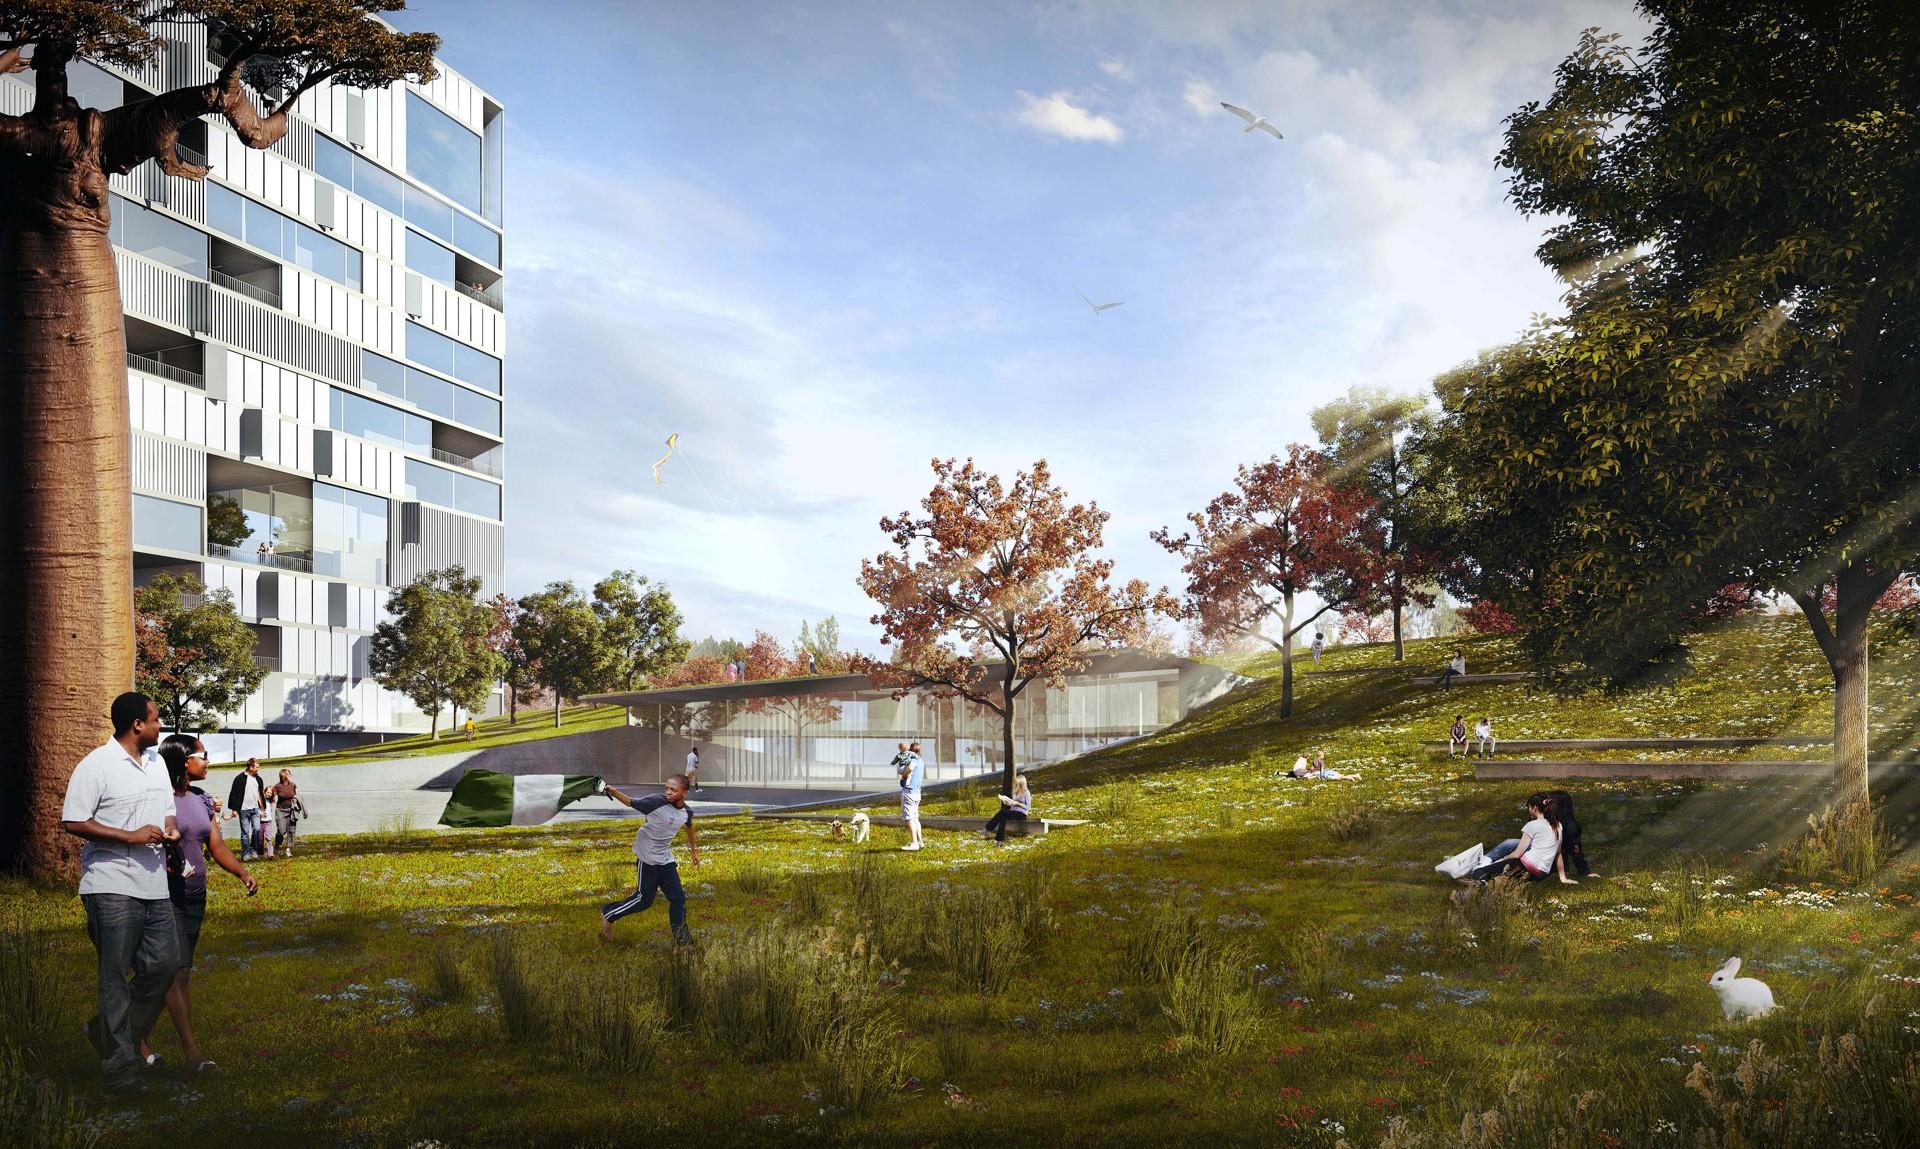 2-glover-57-domaine-public-community-garden